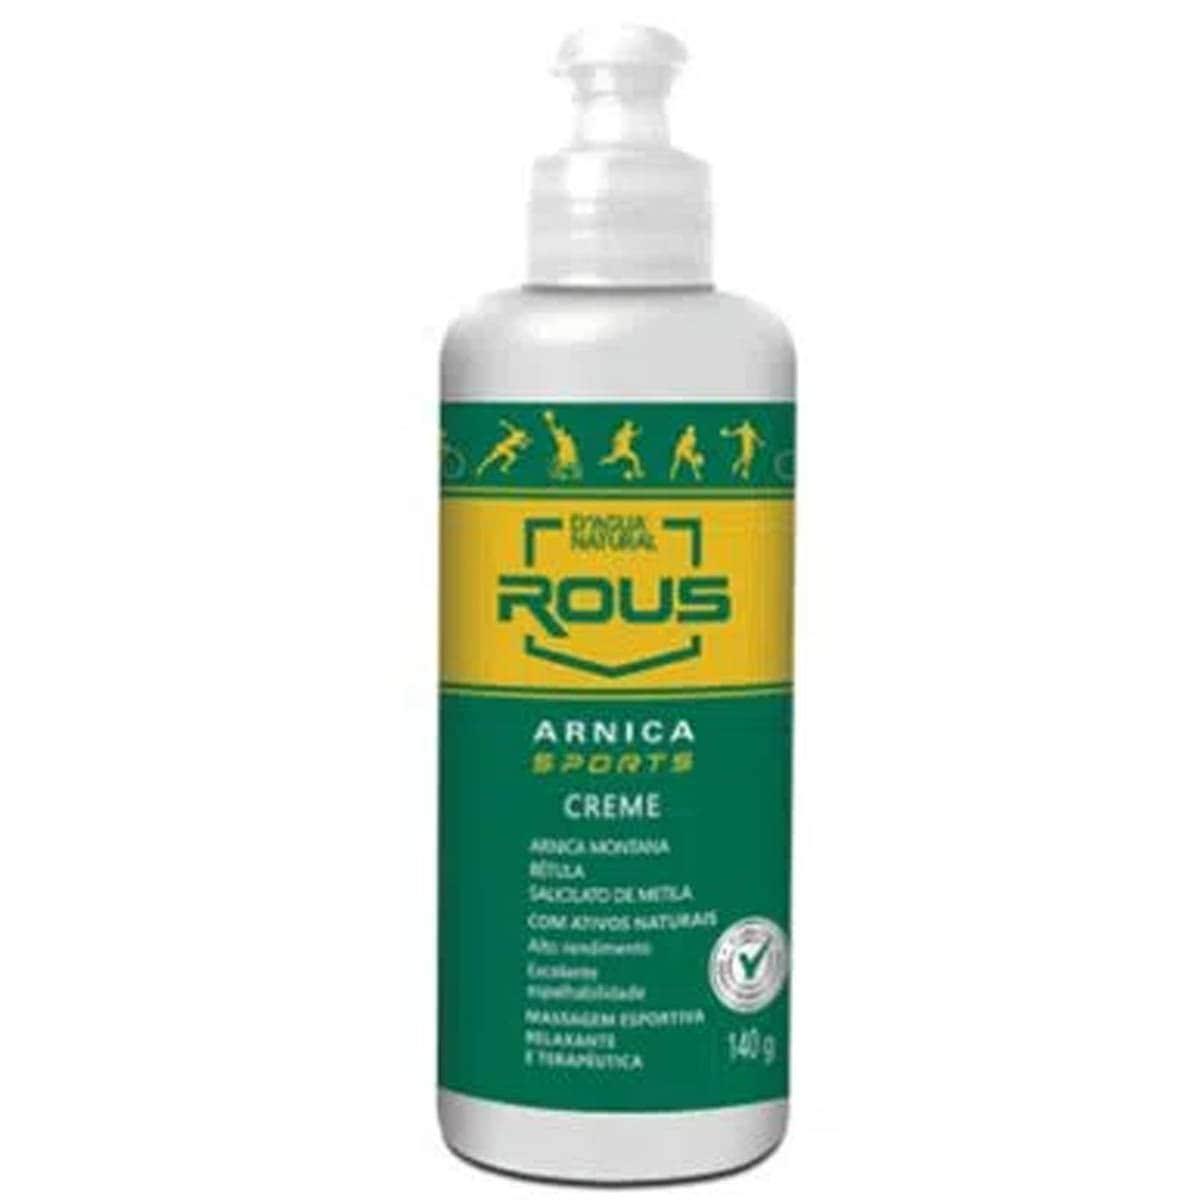 Creme massagem arnica sports 140g - d agua natural